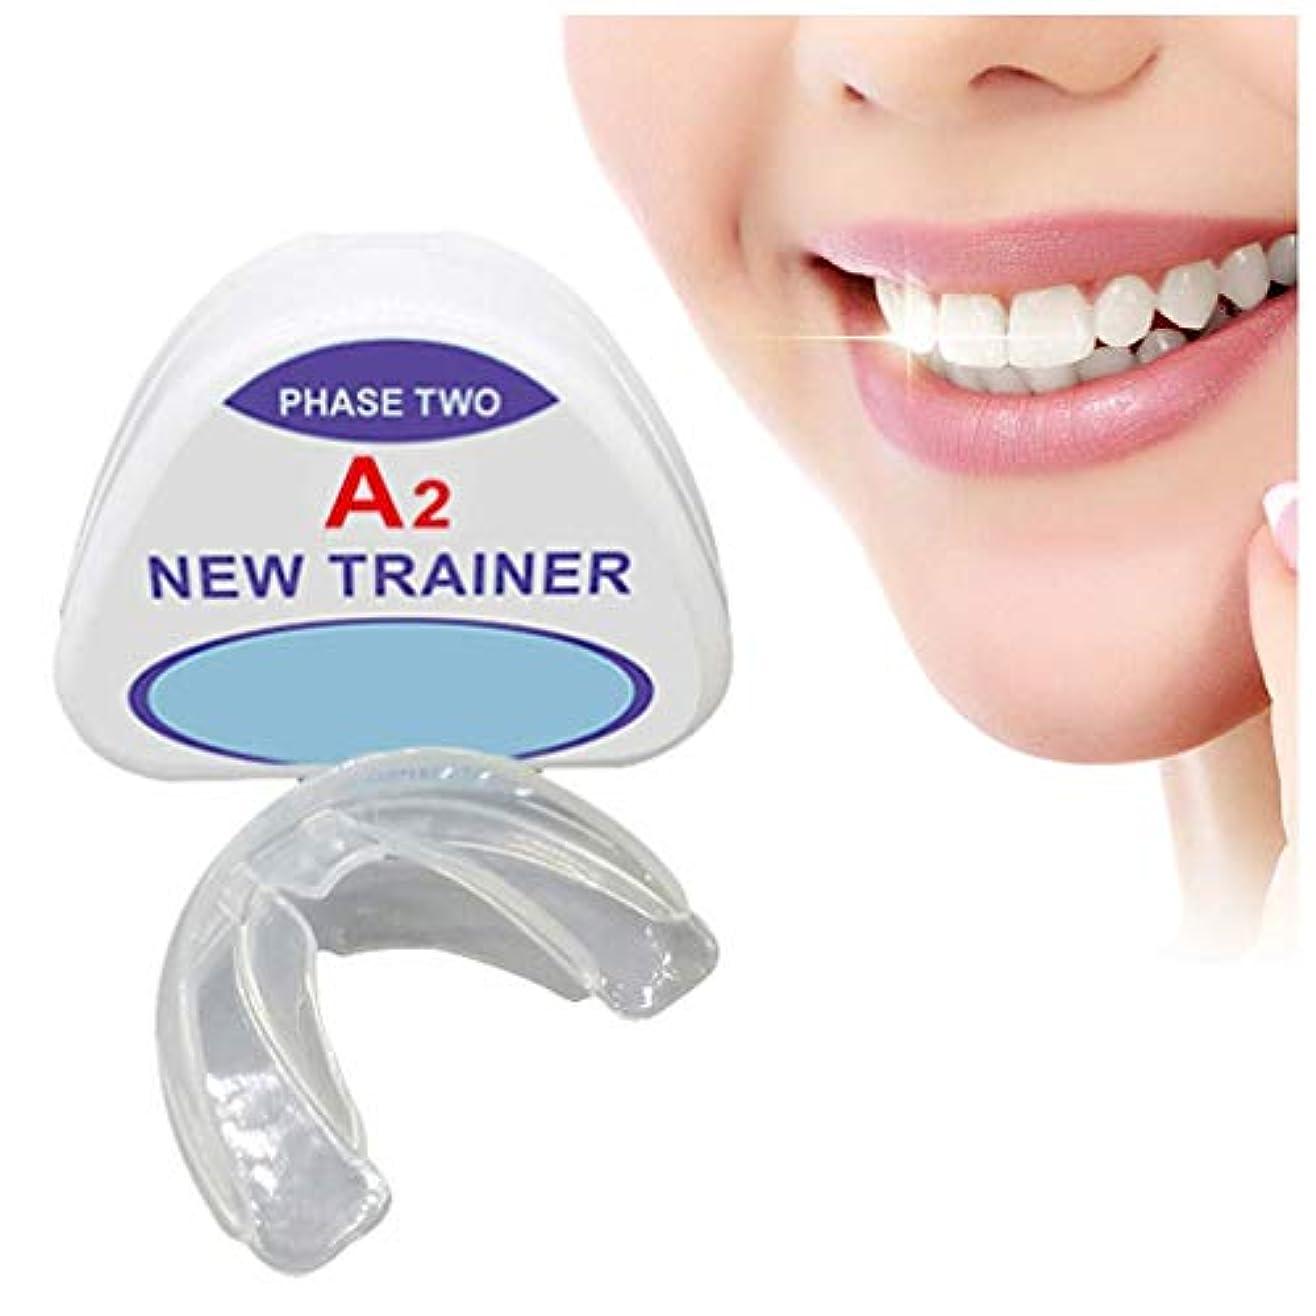 側溝剥ぎ取る空歯列矯正トレーナーリテーナー、歯科用マウスガード歯列矯正器具、歯用器具夜予防臼歯ブレース